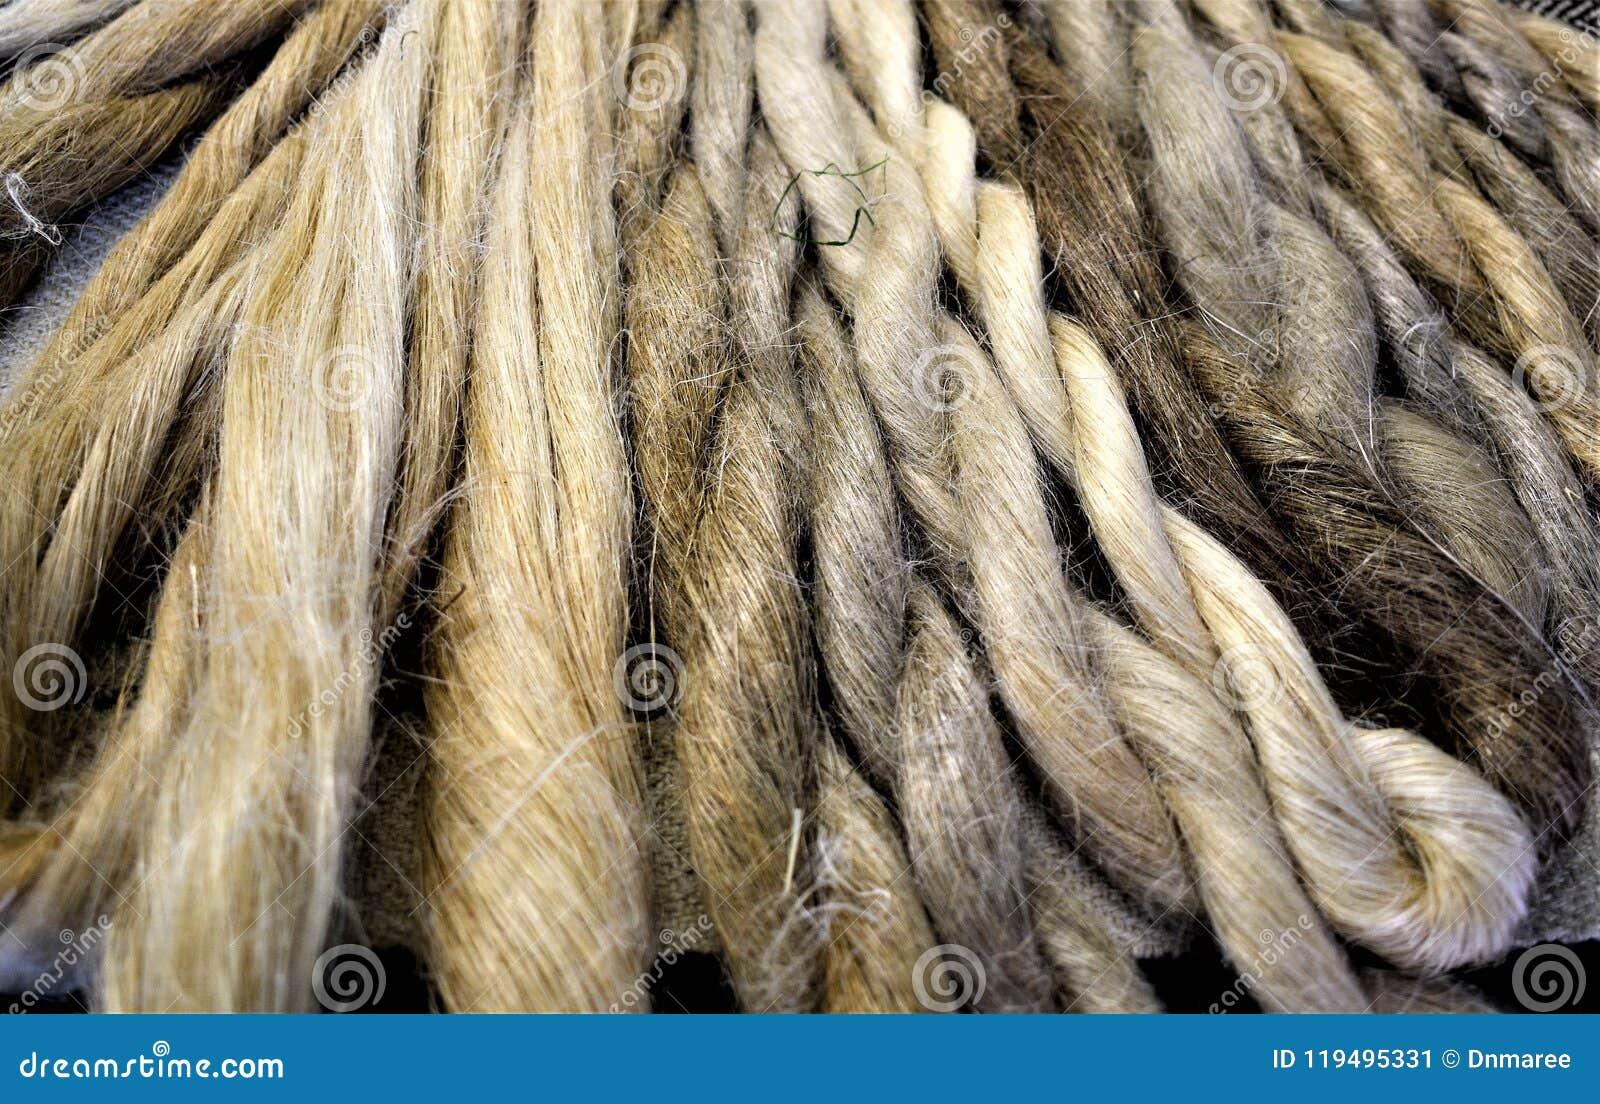 Exhibición de madejas de lino mano-hechas girar naturales